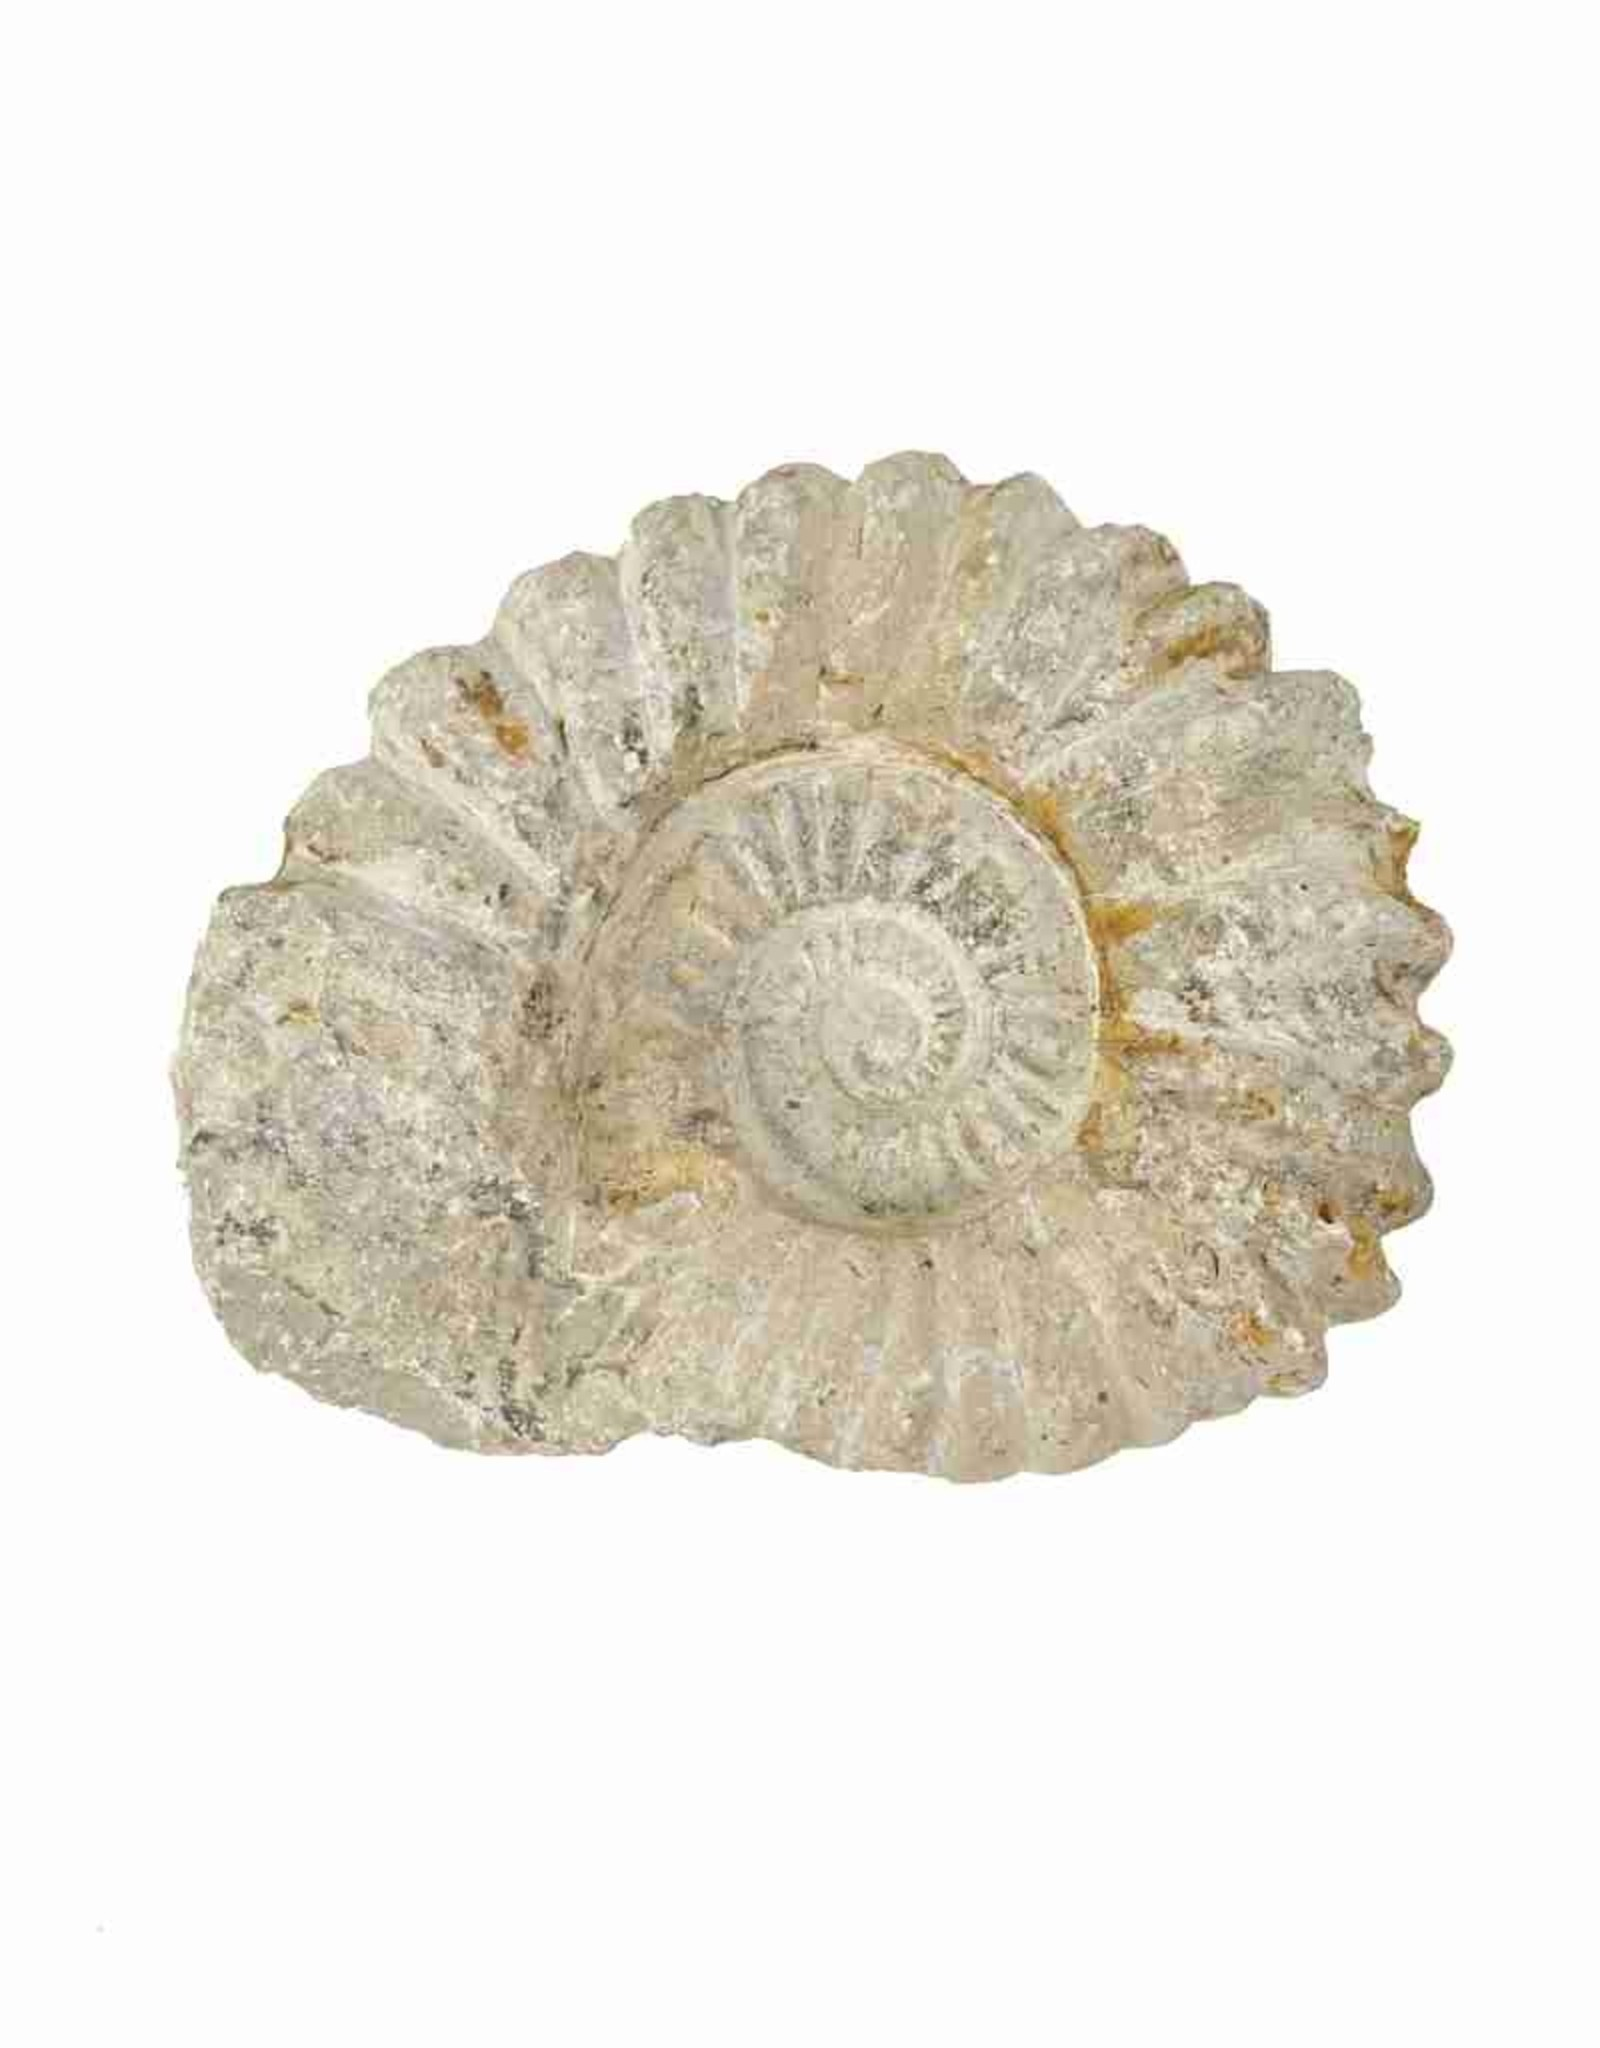 Ammonite, 15.5 x 13 x 2.5 cm